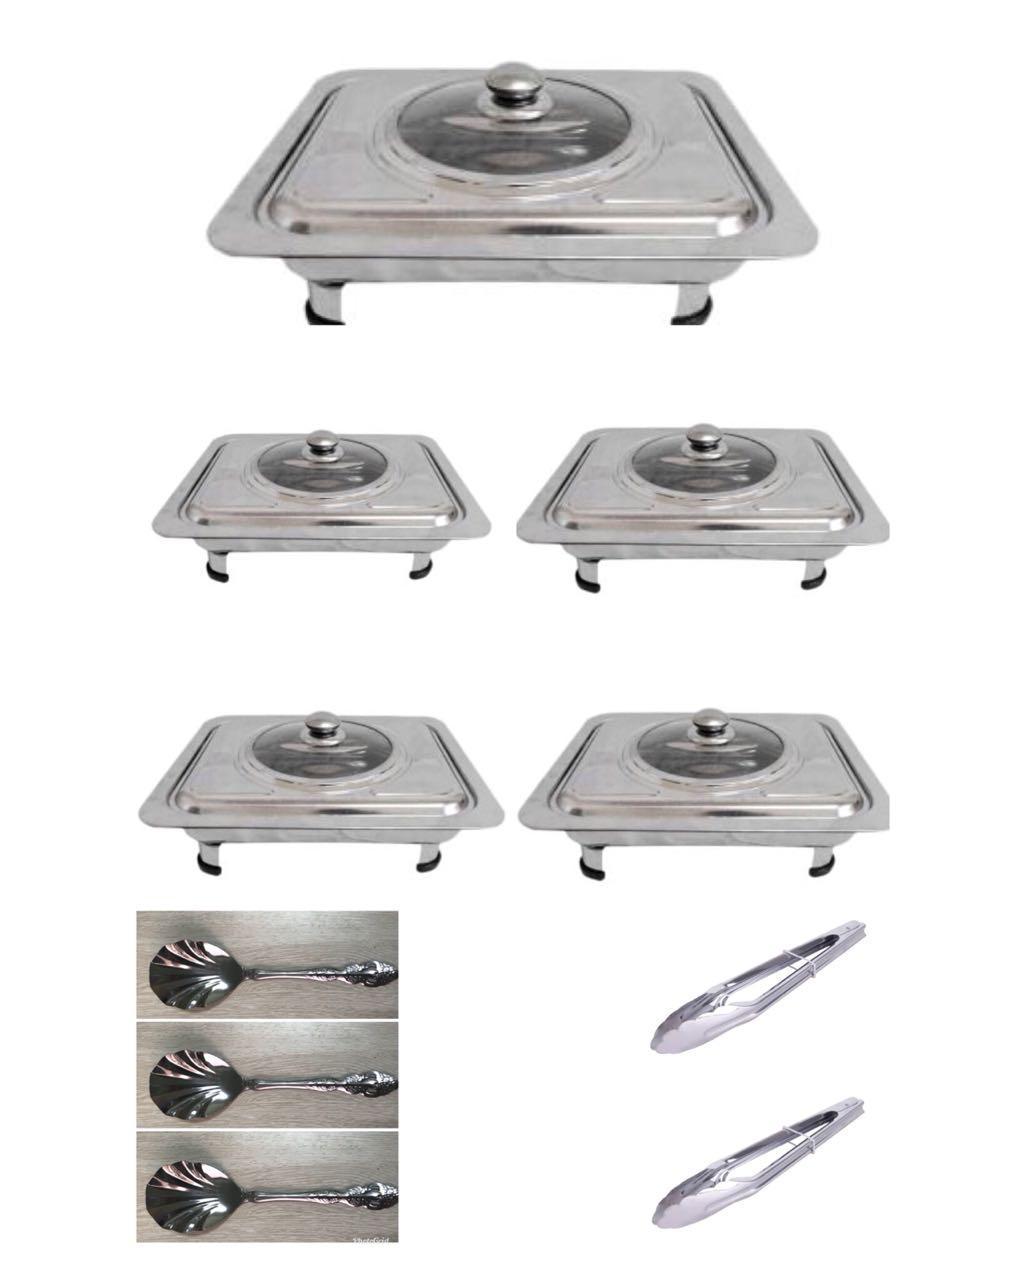 555 Wadah Saji Masakan  - Prasmanan Set isi 5, 3 Sendok Sayur, 2 Jepitan Makanan Stainless Steel ( 10 in 1 )